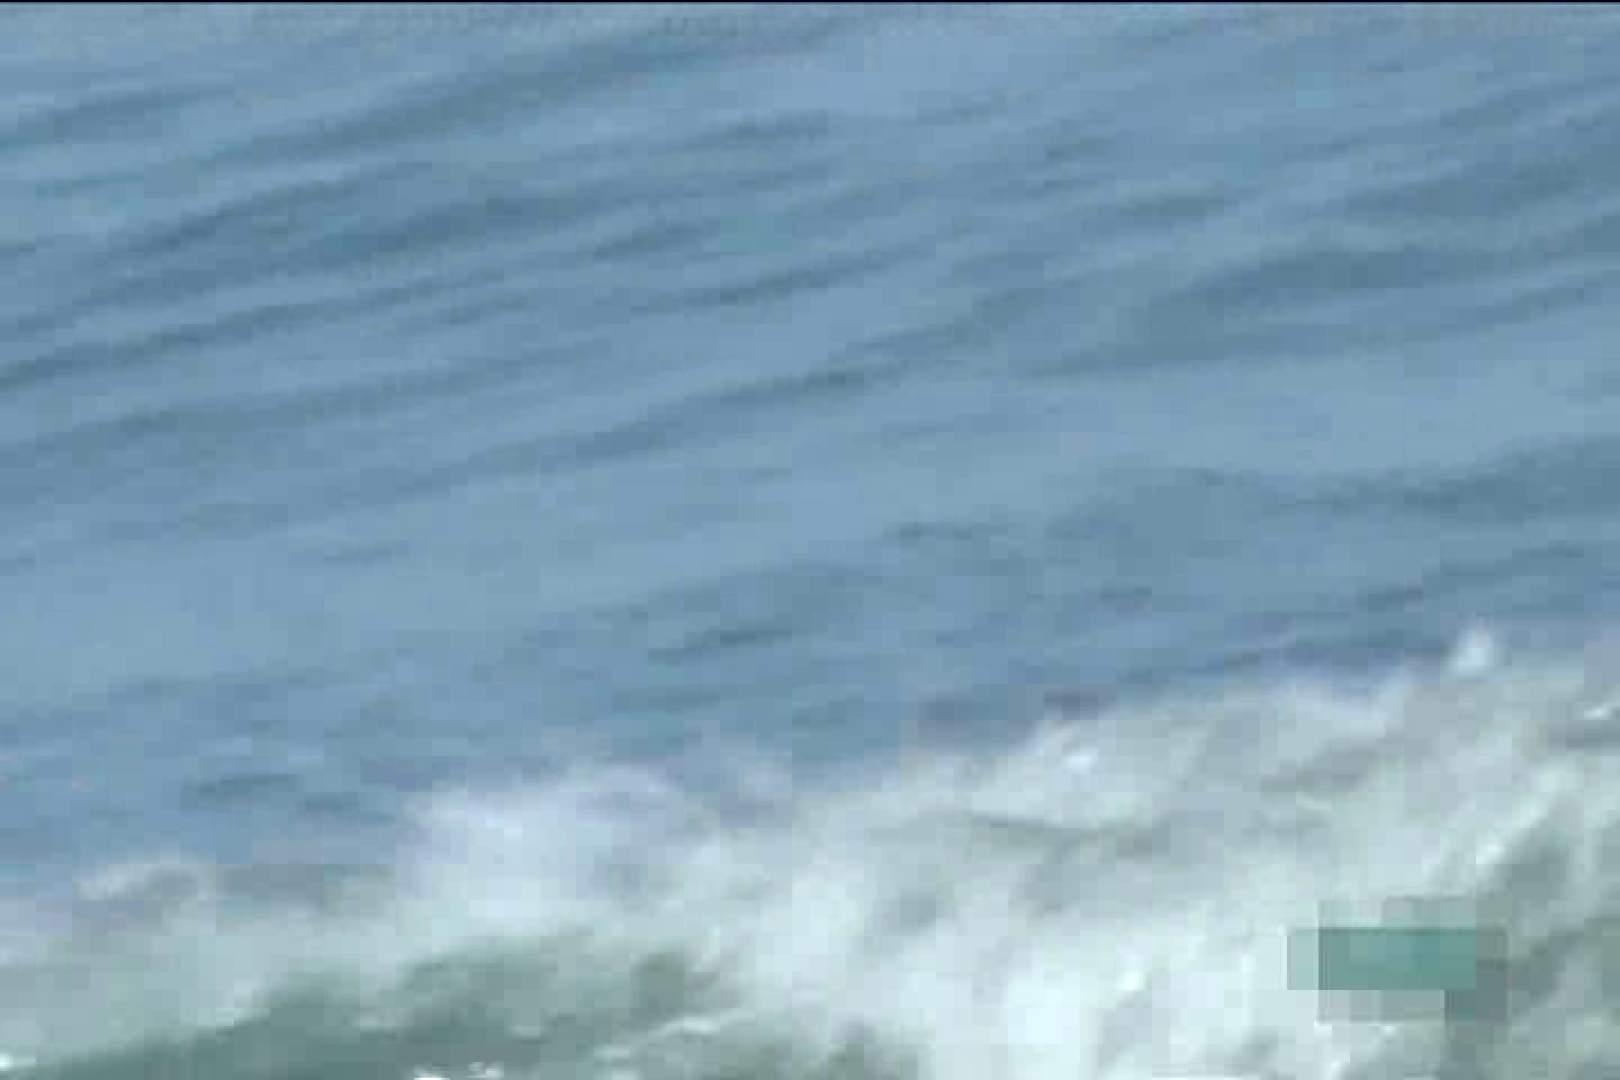 真夏のビーチは危険地帯Vol.3 ハプニング セックス無修正動画無料 79画像 29